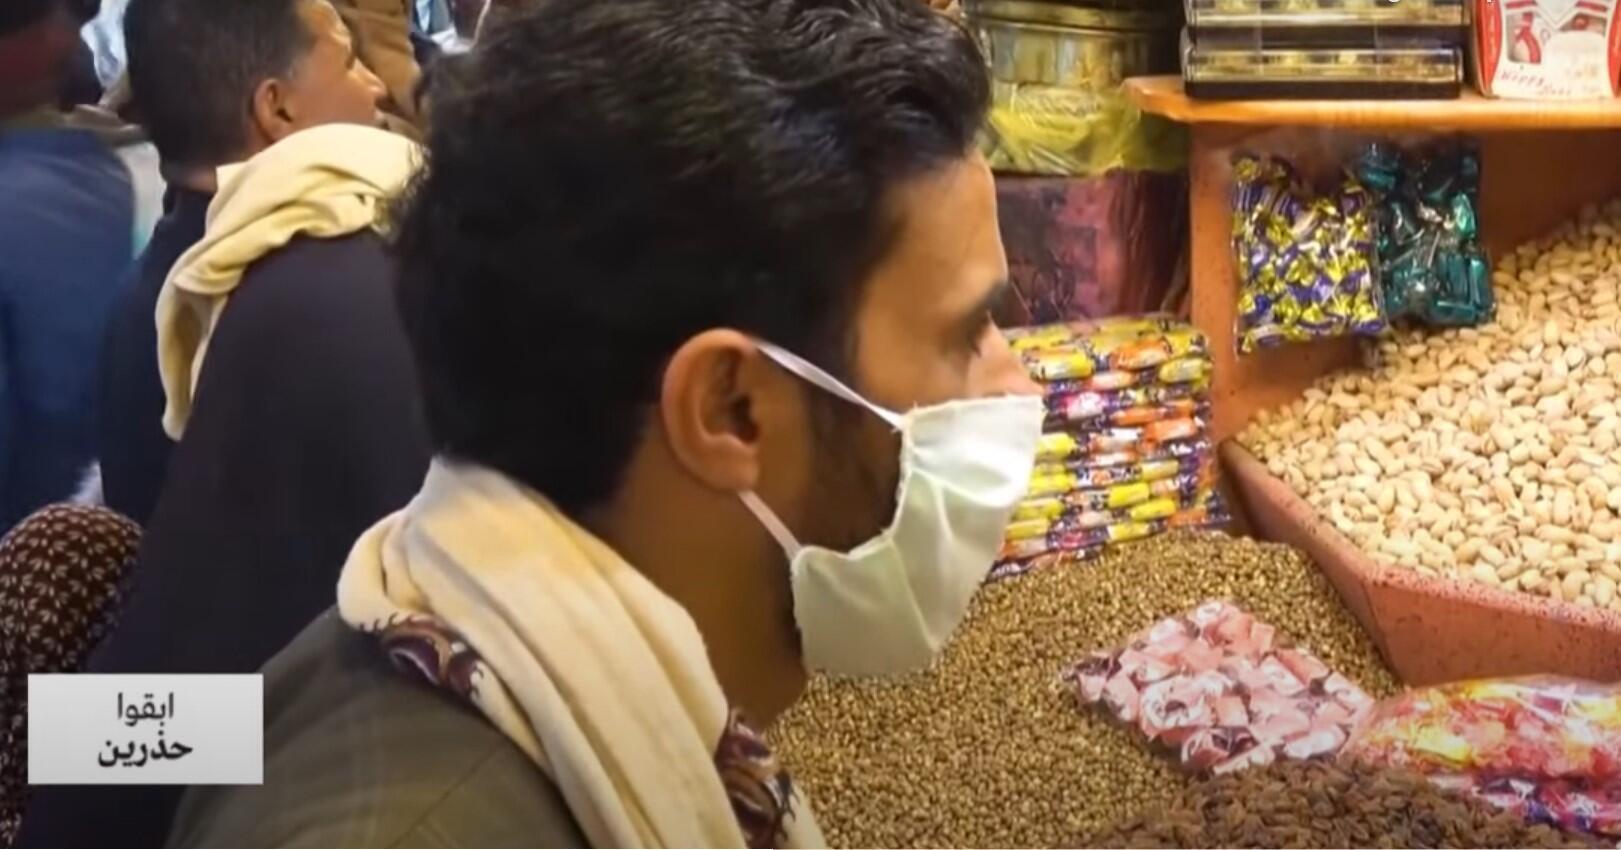 قلق ومخاوف في مصر من انتشار فيروس كورونا